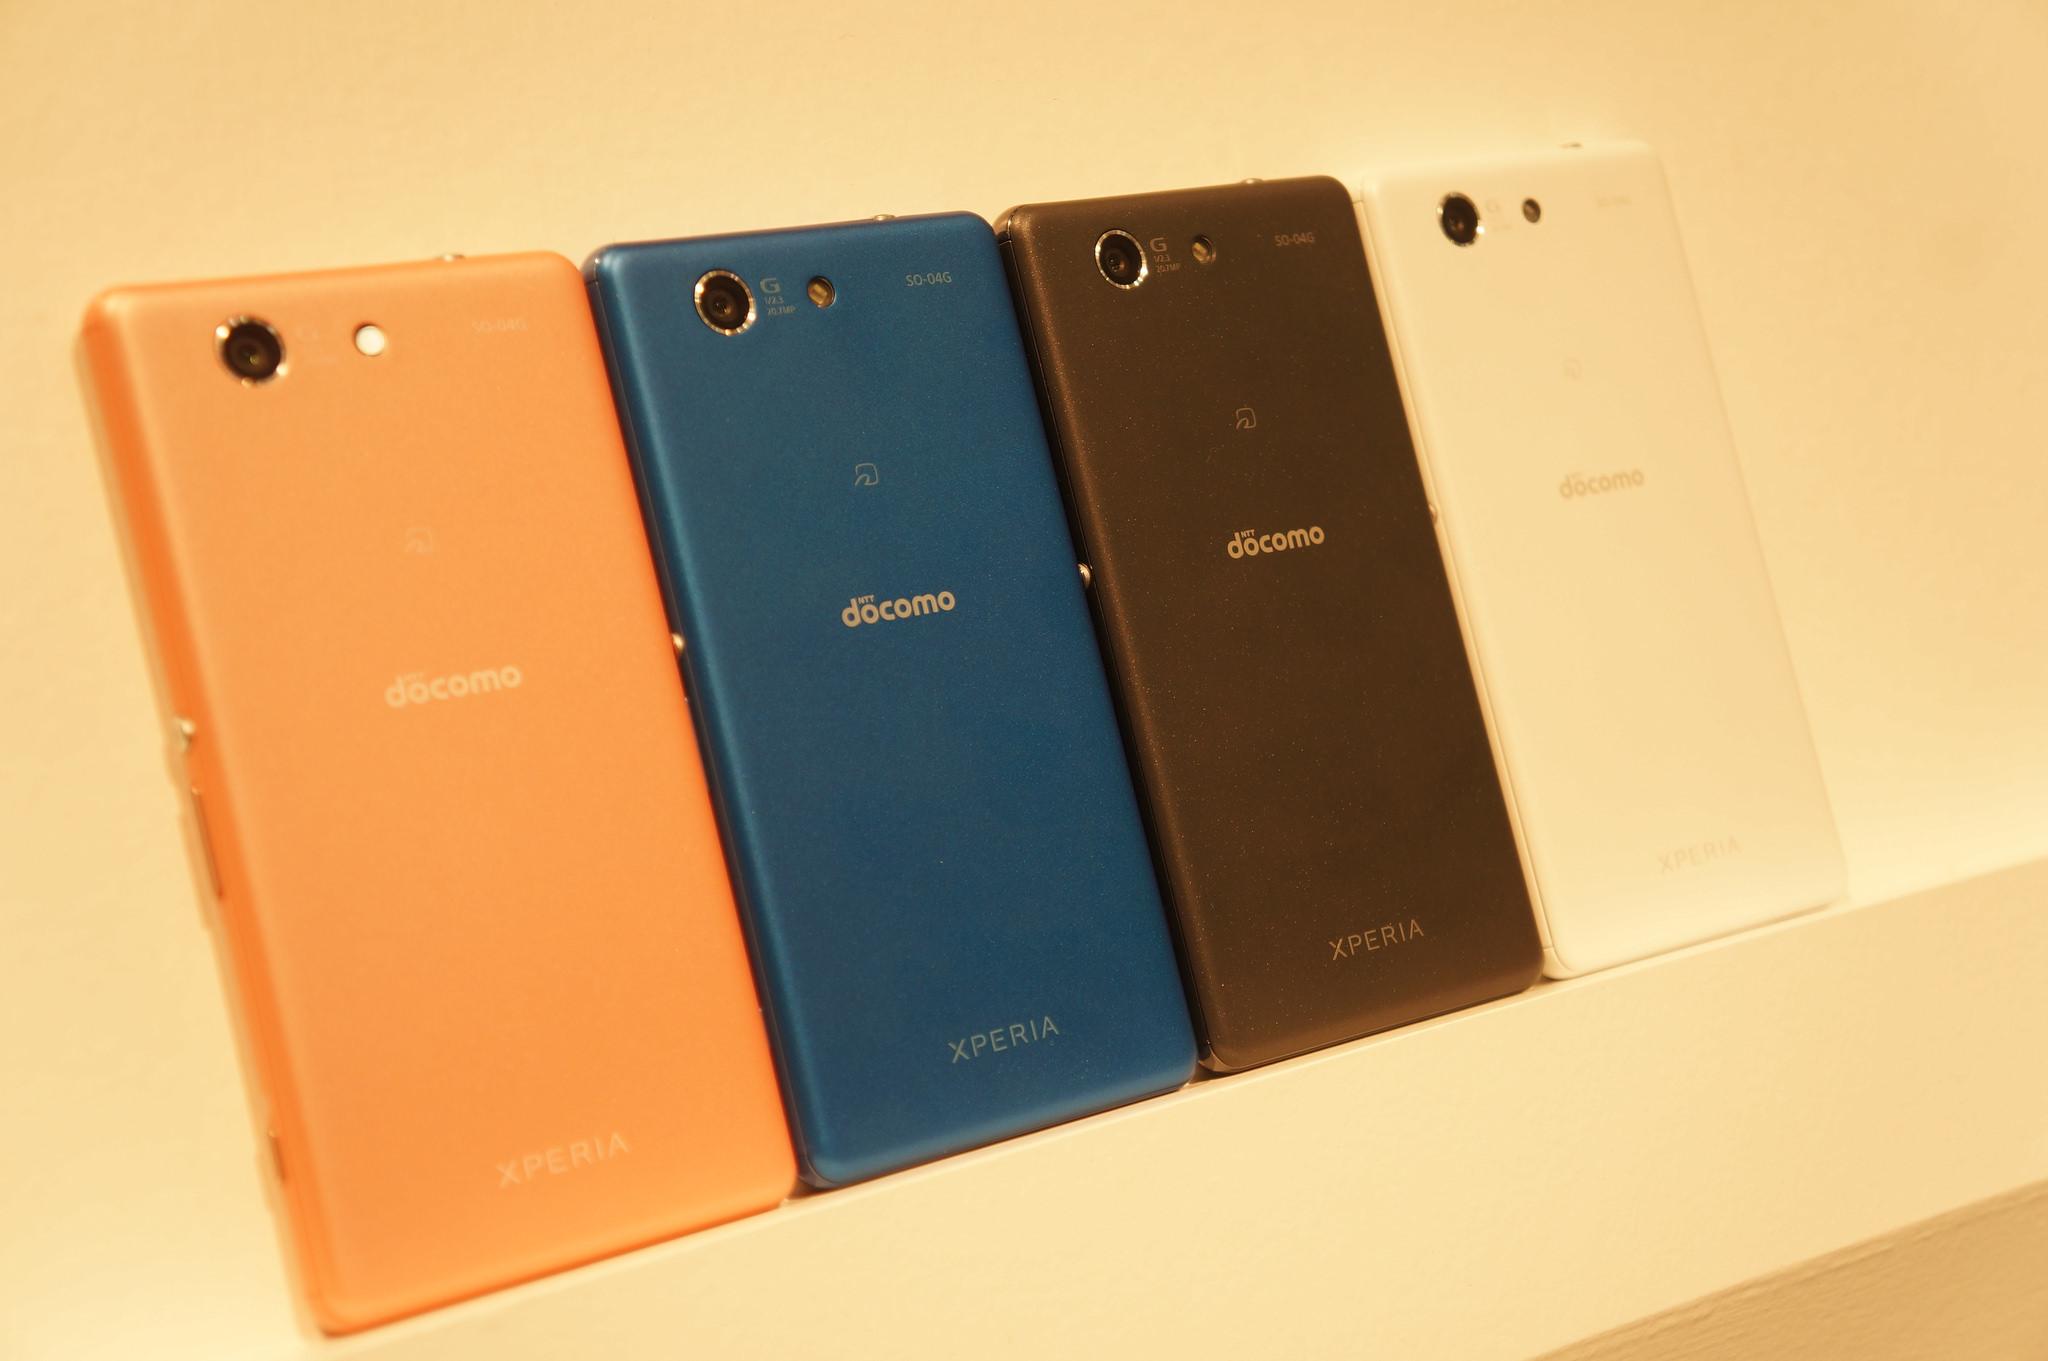 ドコモ、Xperia A4を18日に発売、価格は一括7万円。Androidガラホは19日から